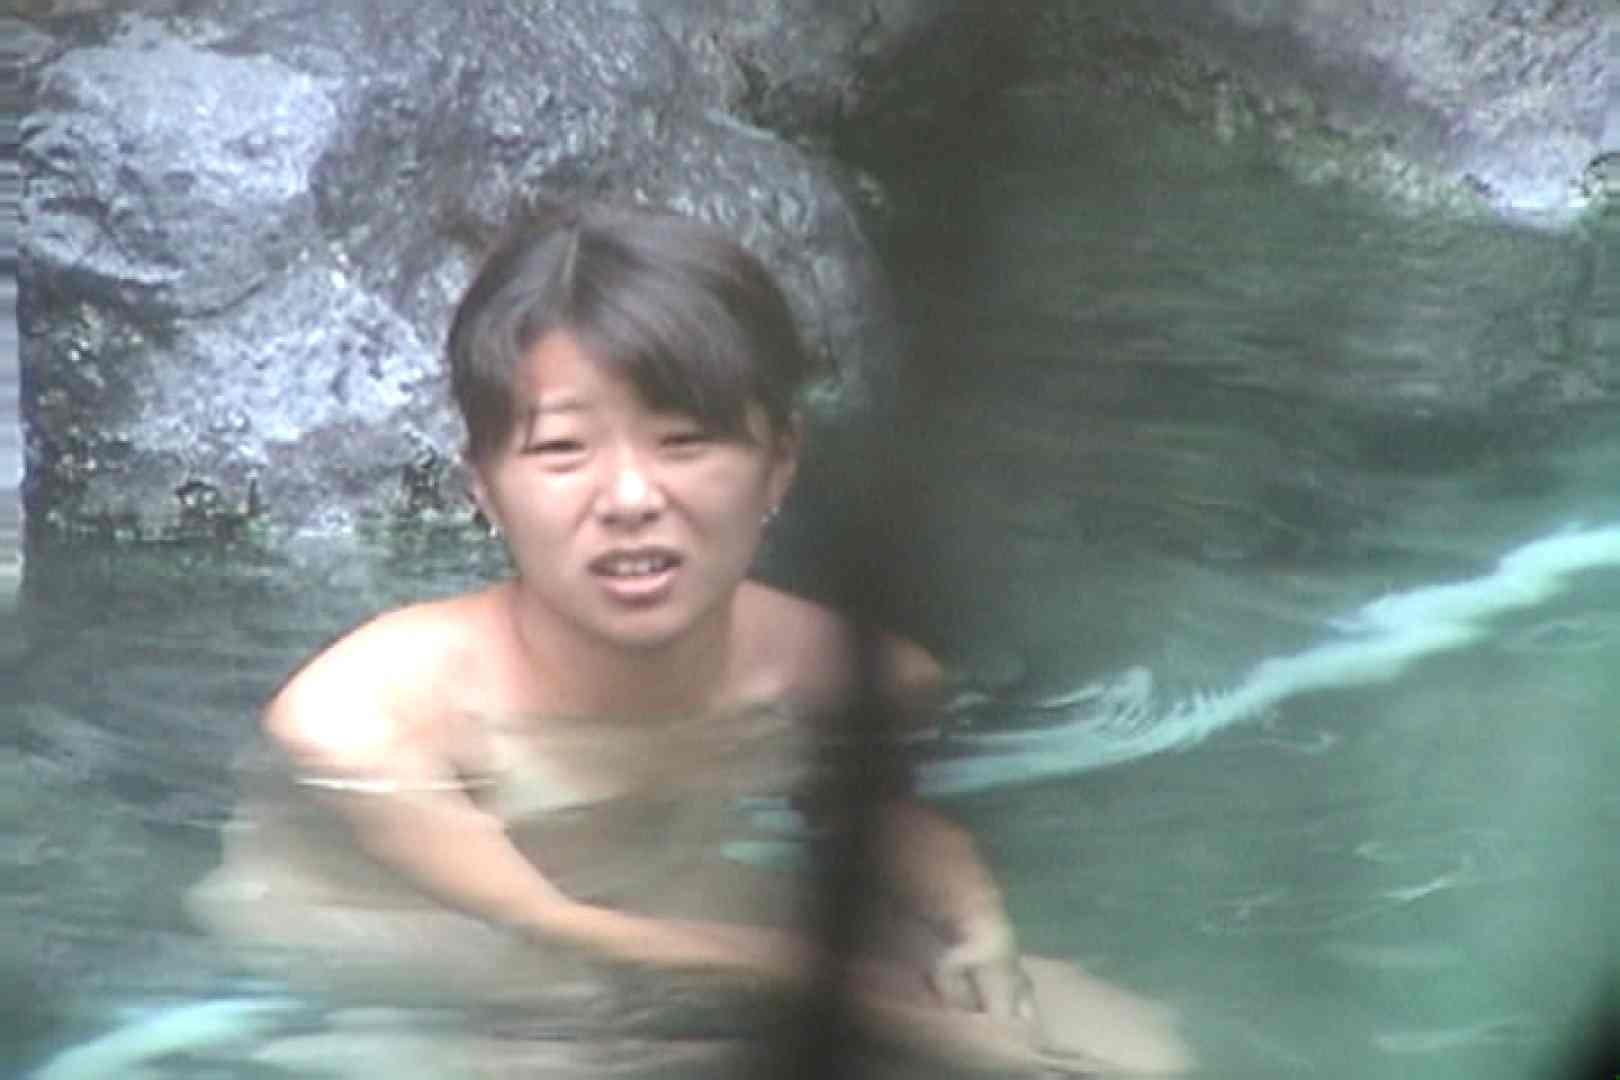 Aquaな露天風呂Vol.69【VIP限定】 OLのエロ生活  106連発 33